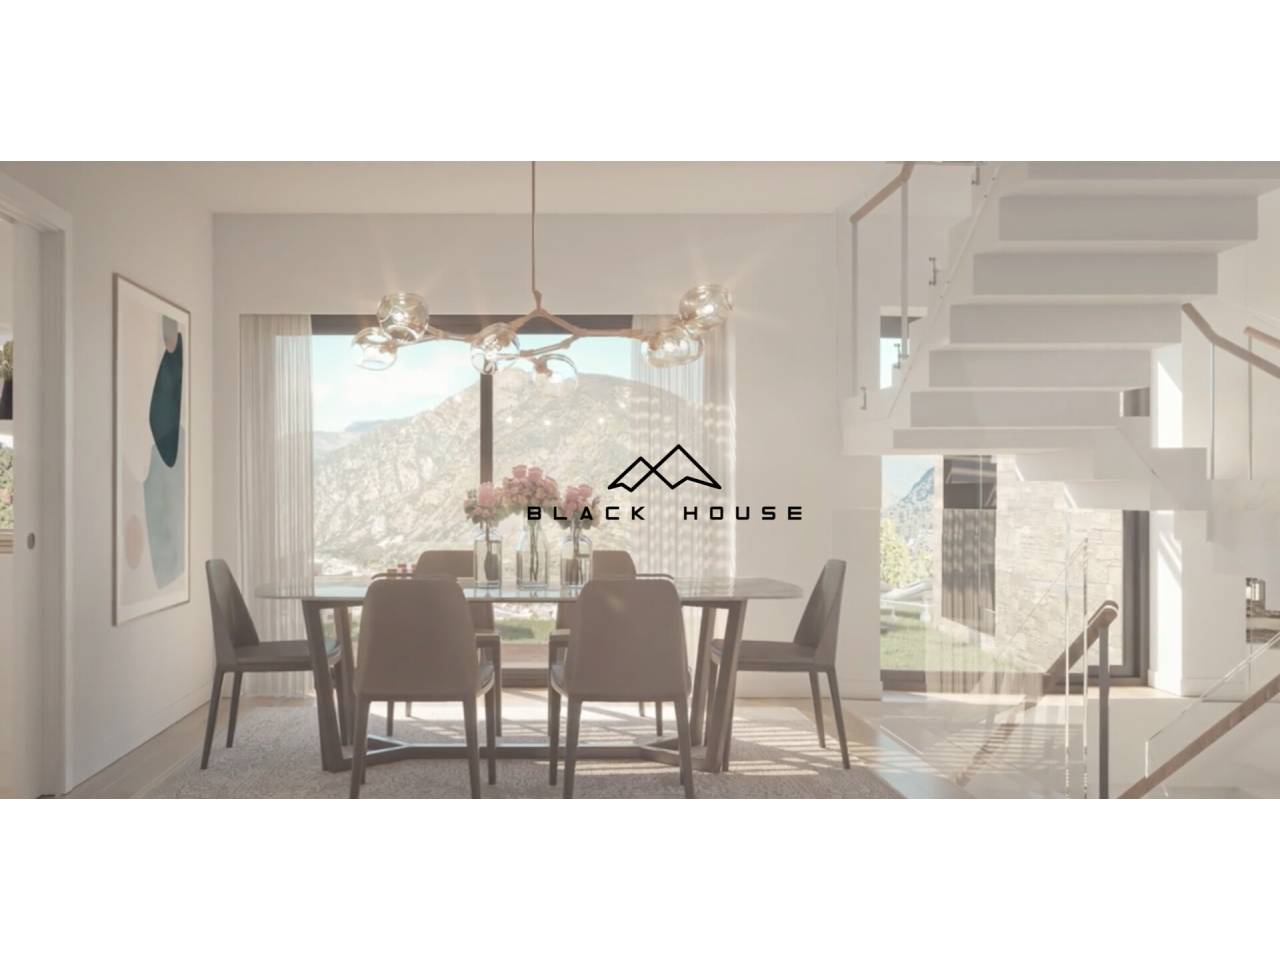 A vendre luxueuse maison indépendante de nouvelle construction.